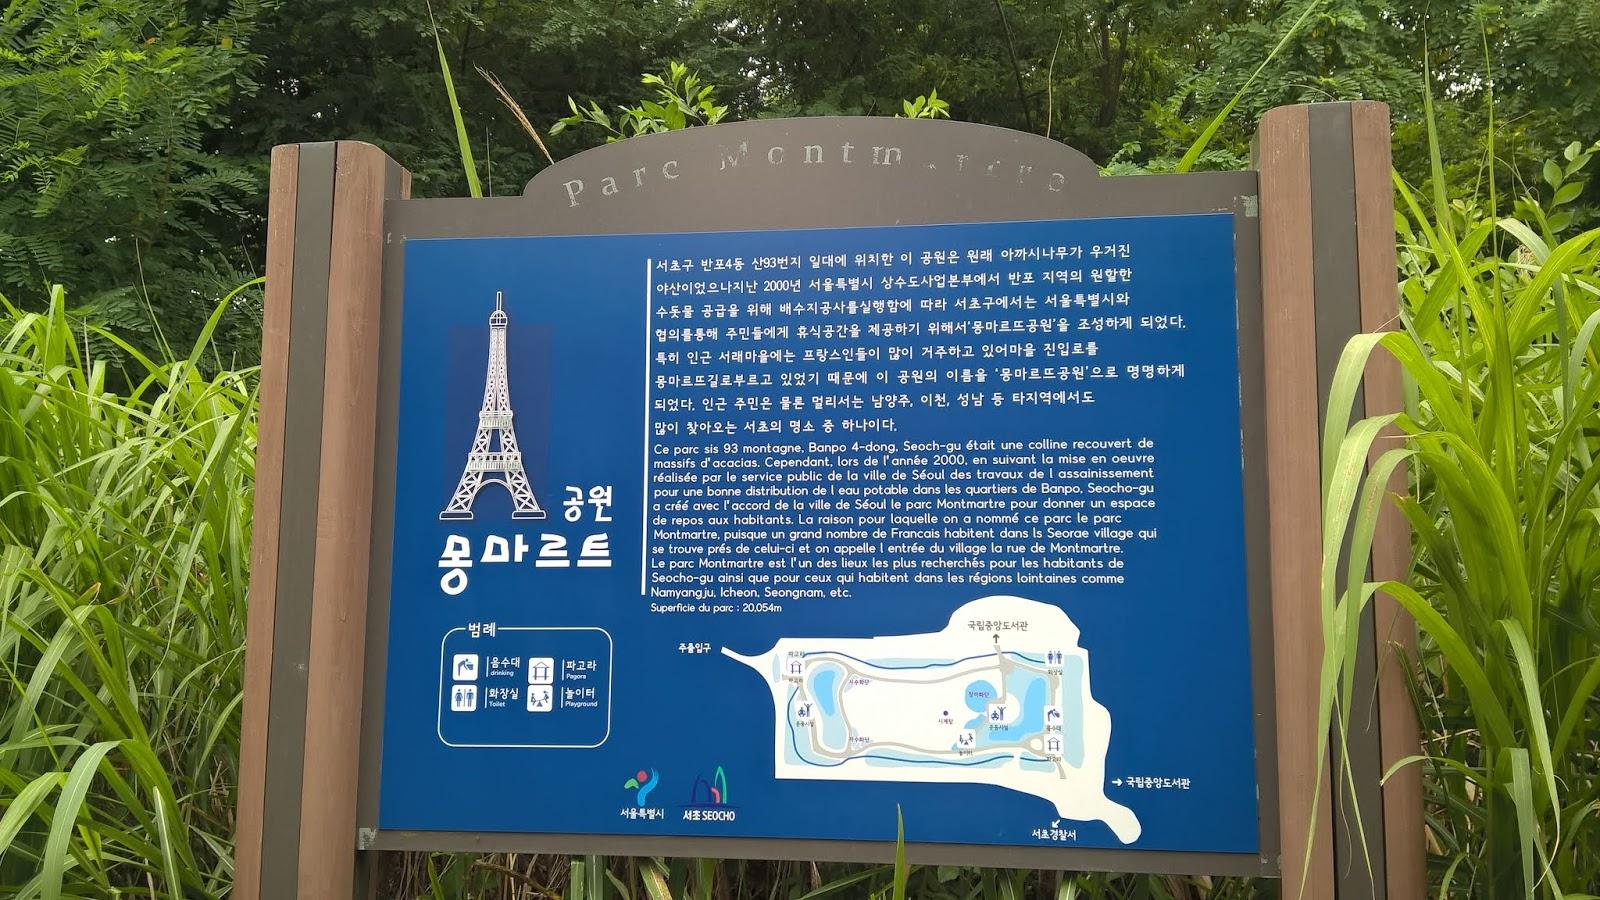 expatrié rencontres à Séoul beaucoup de rencontres de connexion de poissons